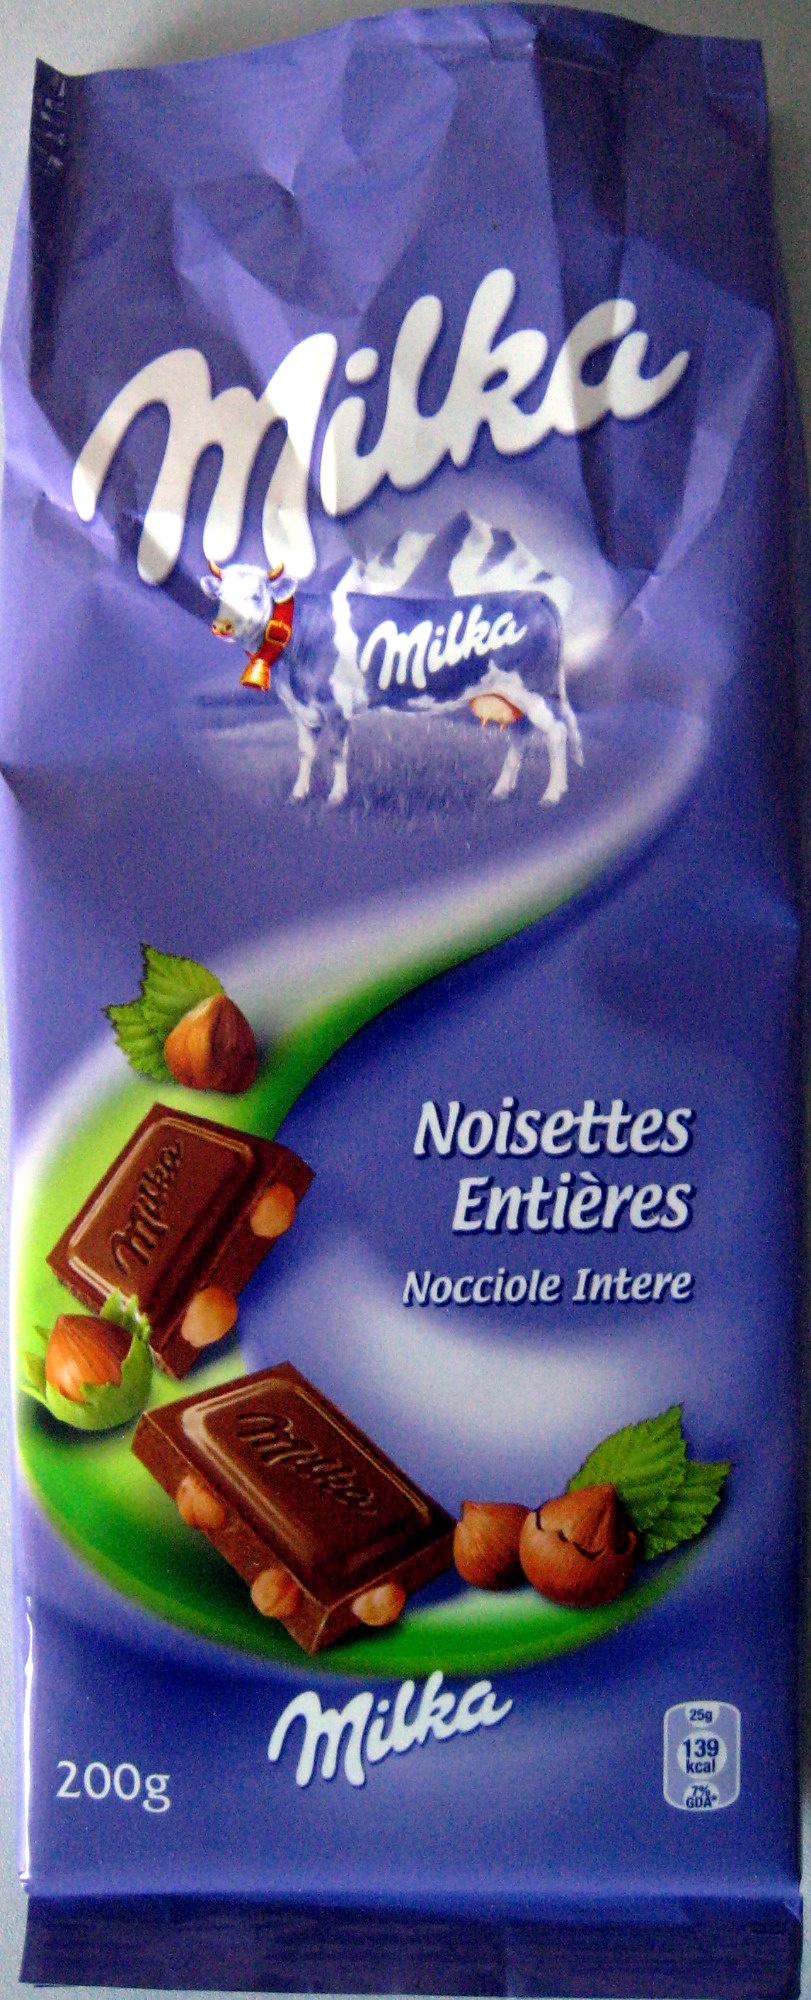 Chocolat Noisettes entières - Product